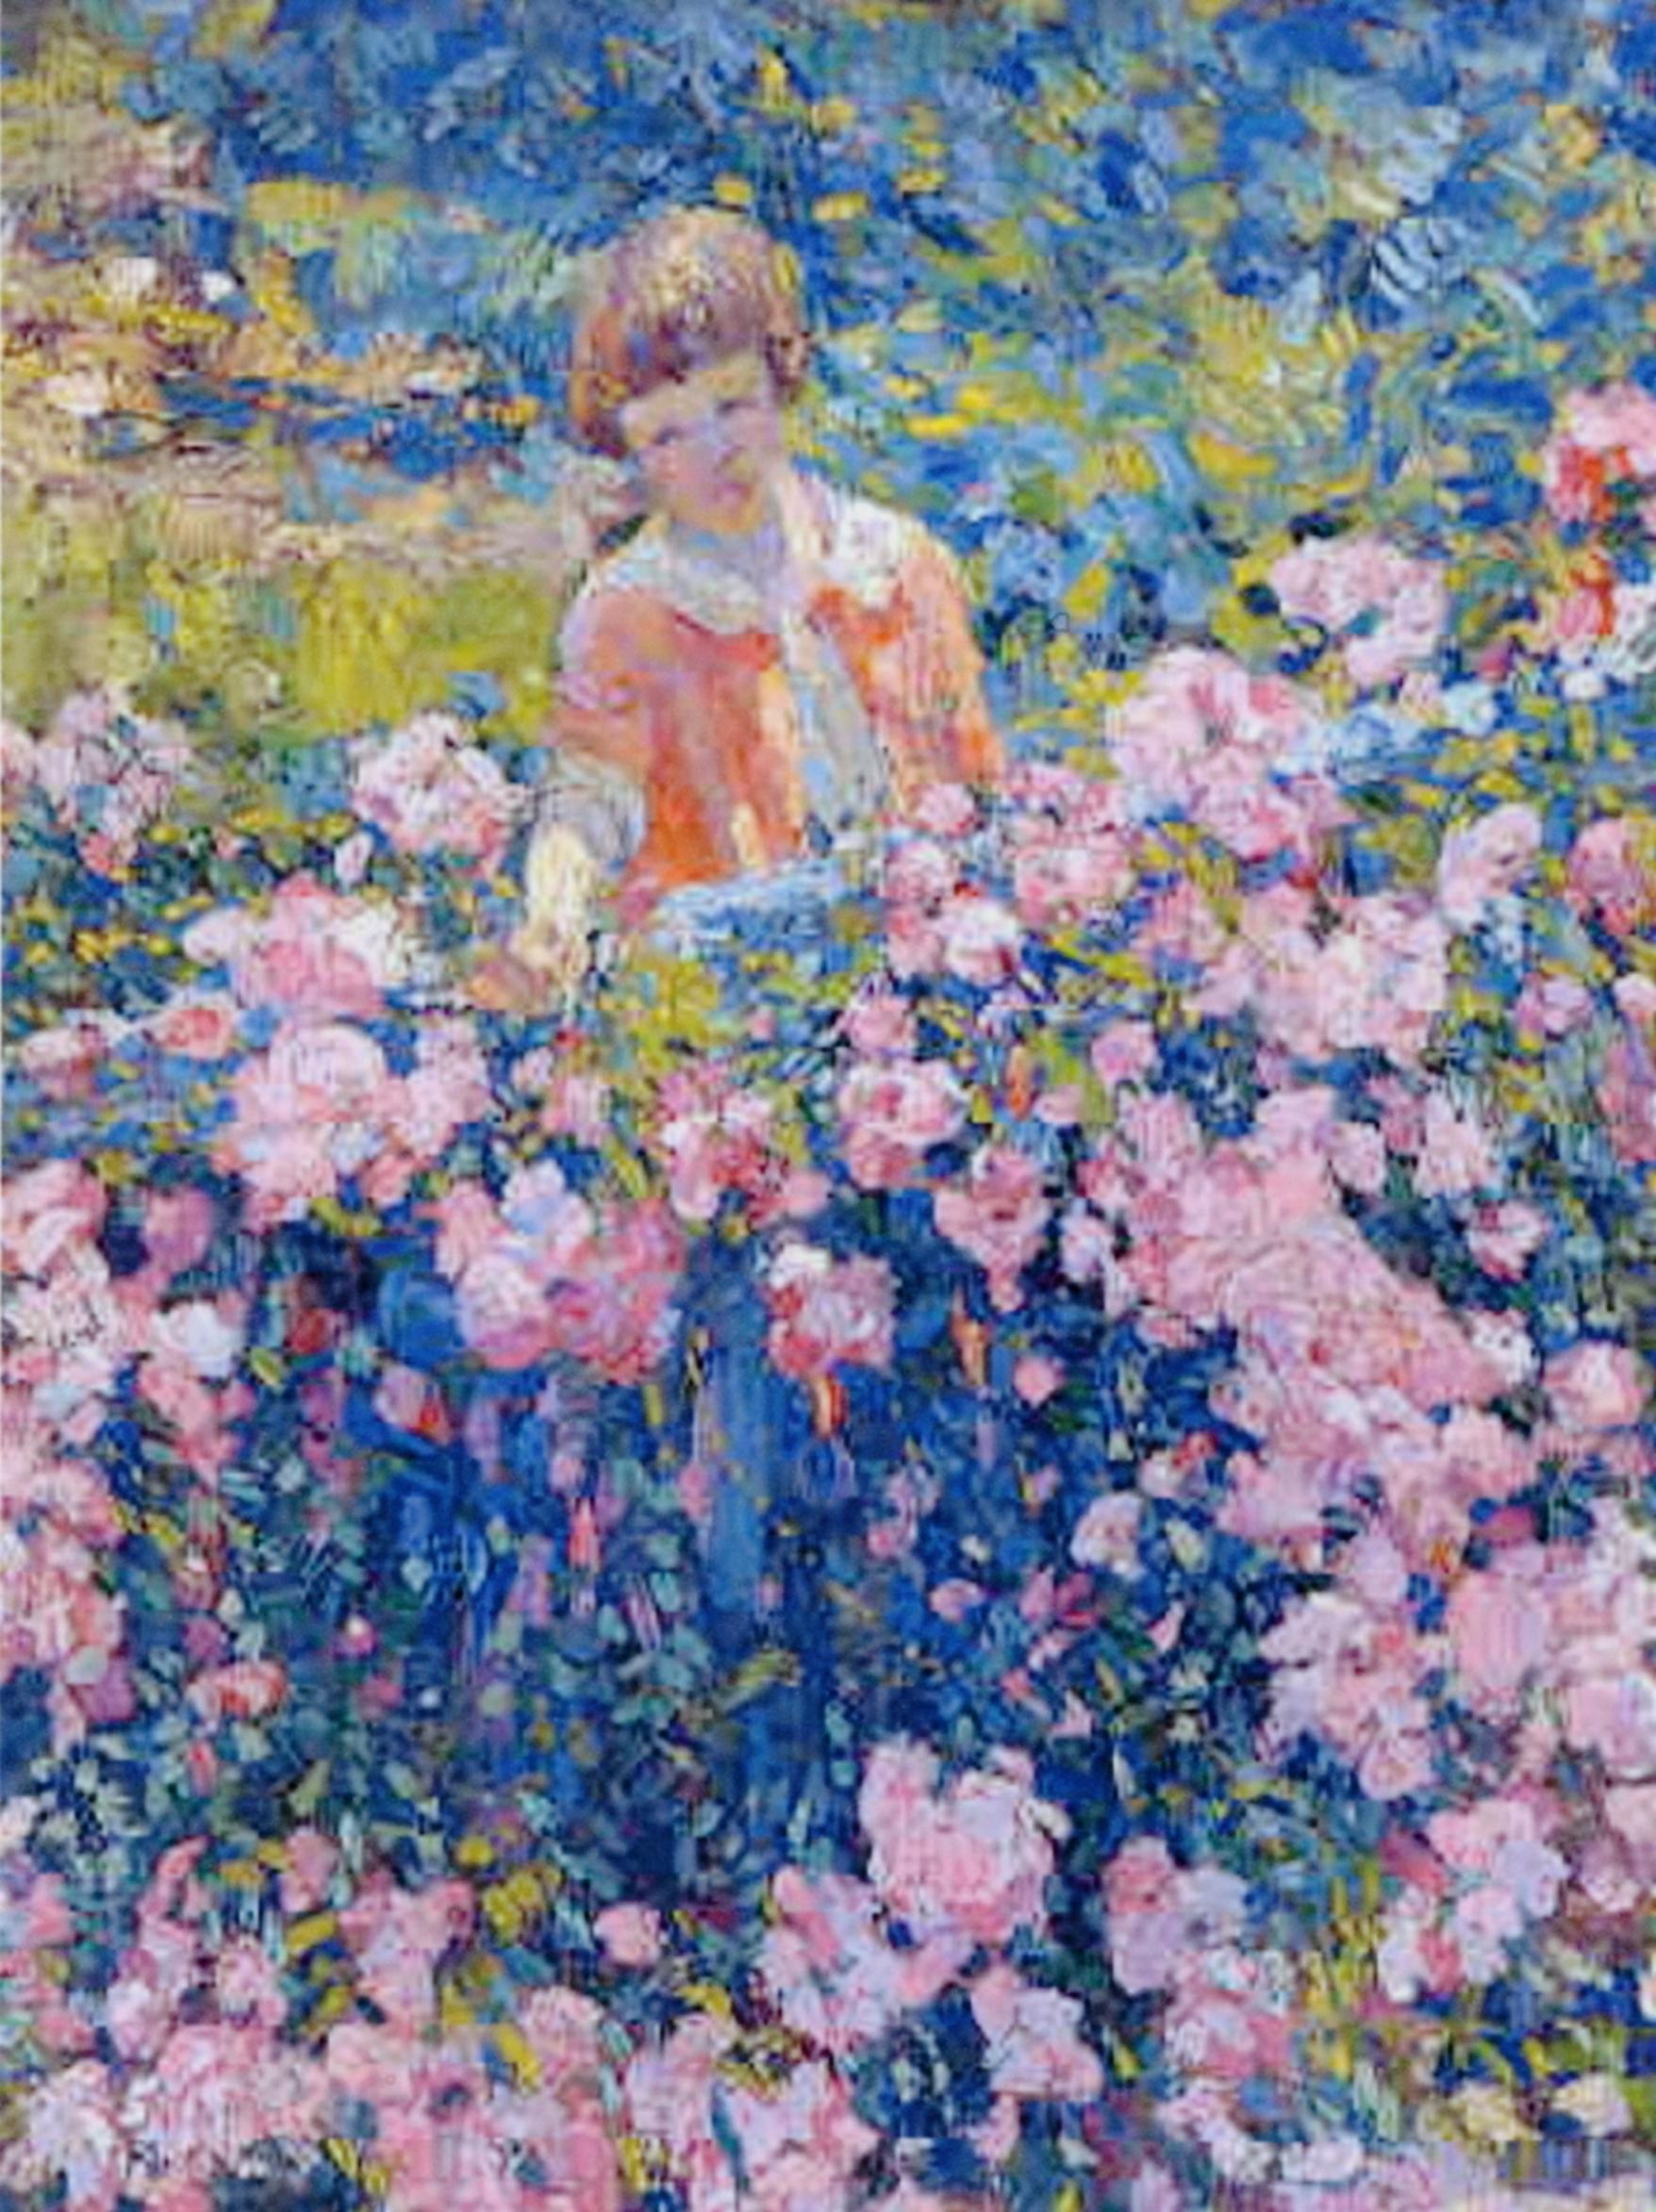 Dorothy: Rose garden